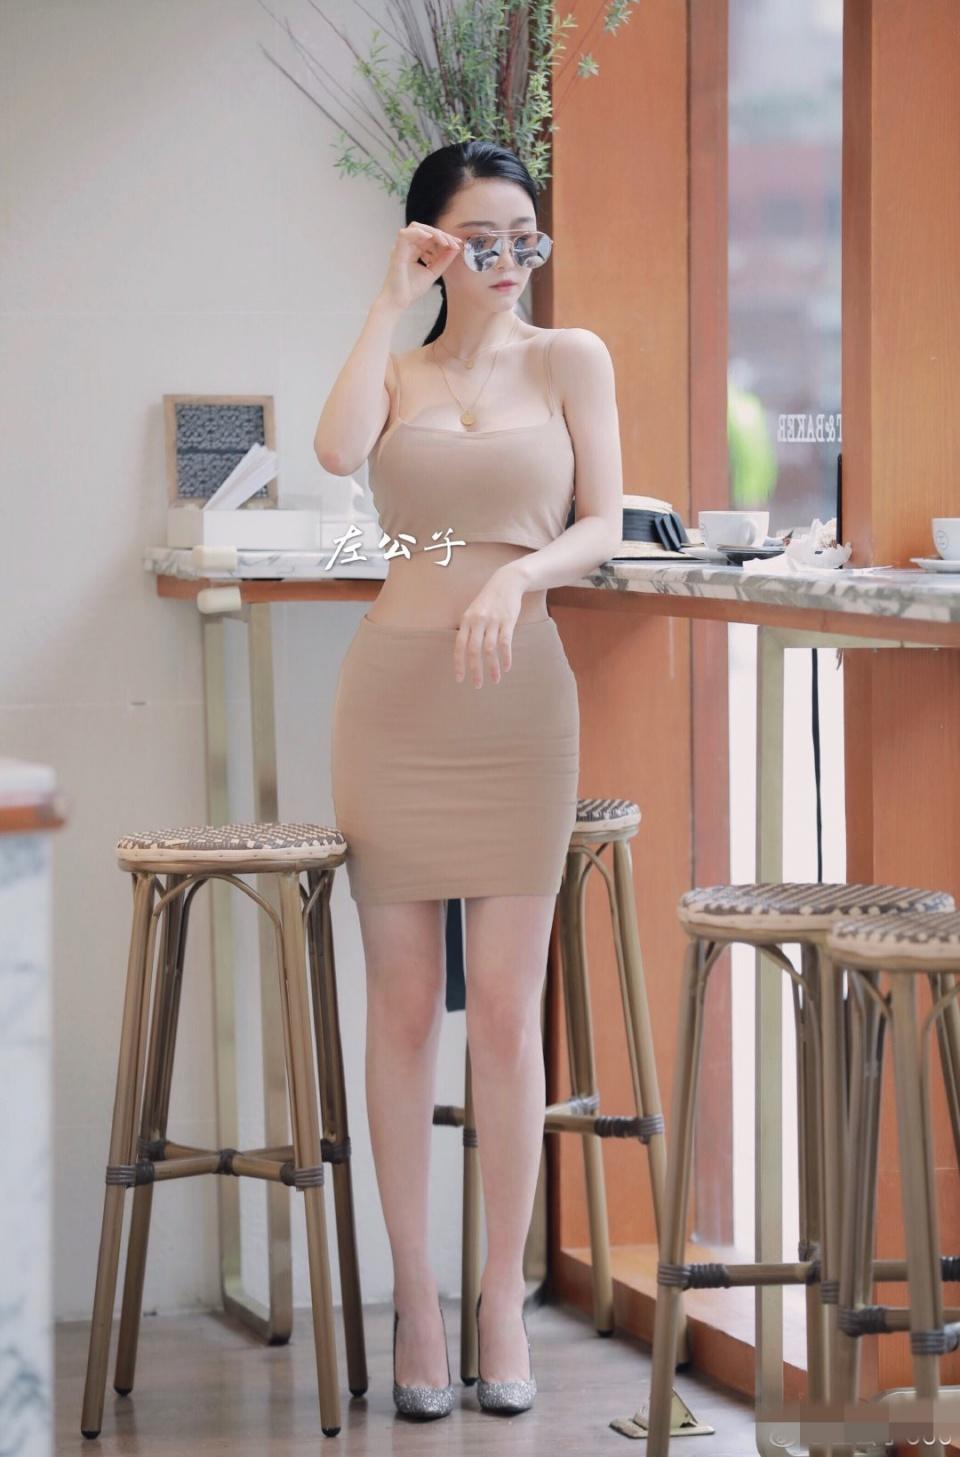 爆笑GIF图:这么美得姑娘招来砌砖,一天得花多少钱